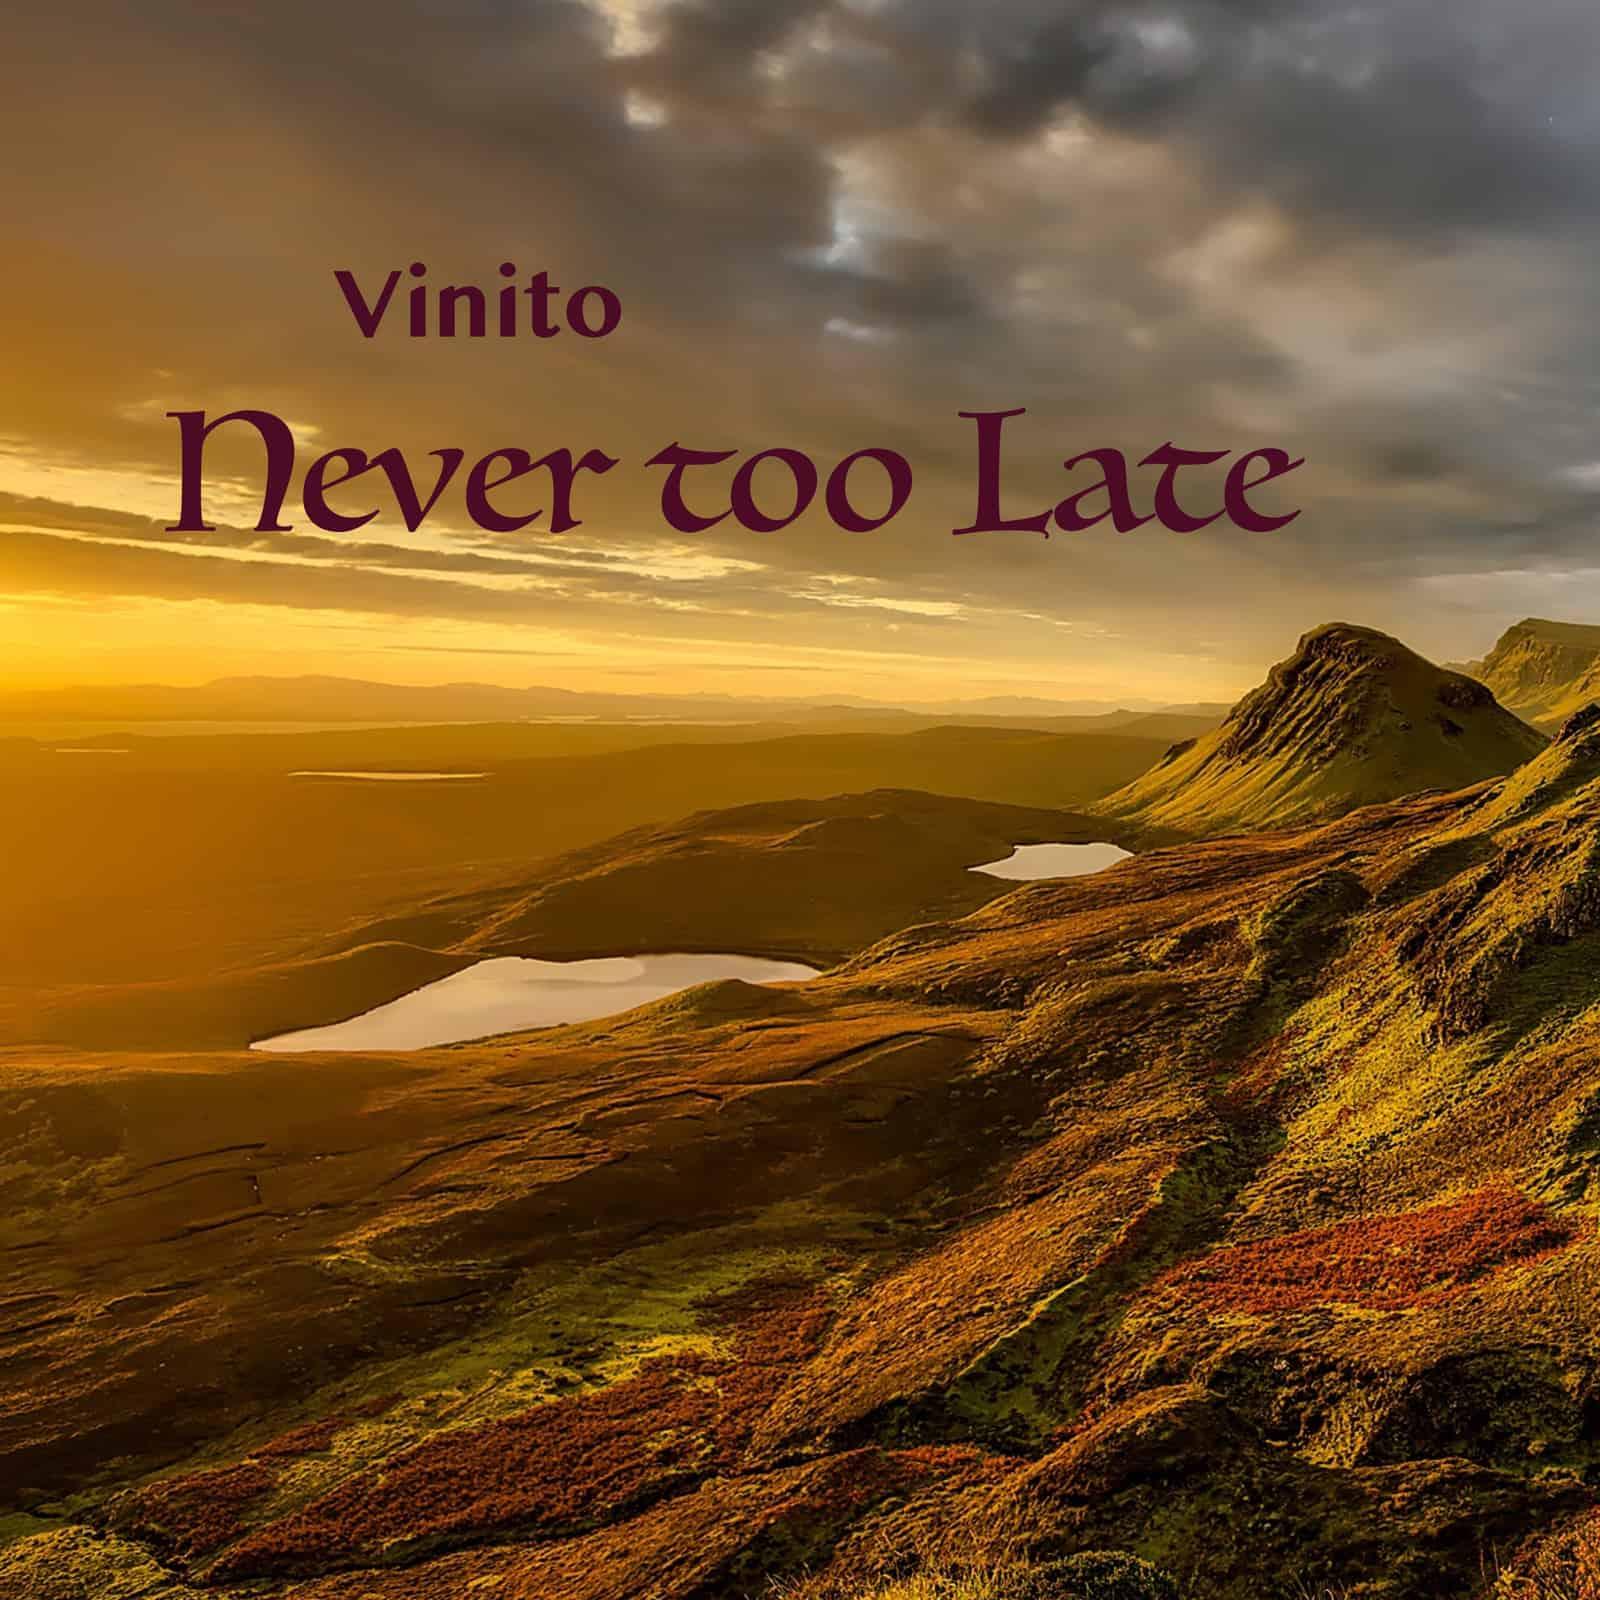 entspannende Gitarrenmusik von Vinito